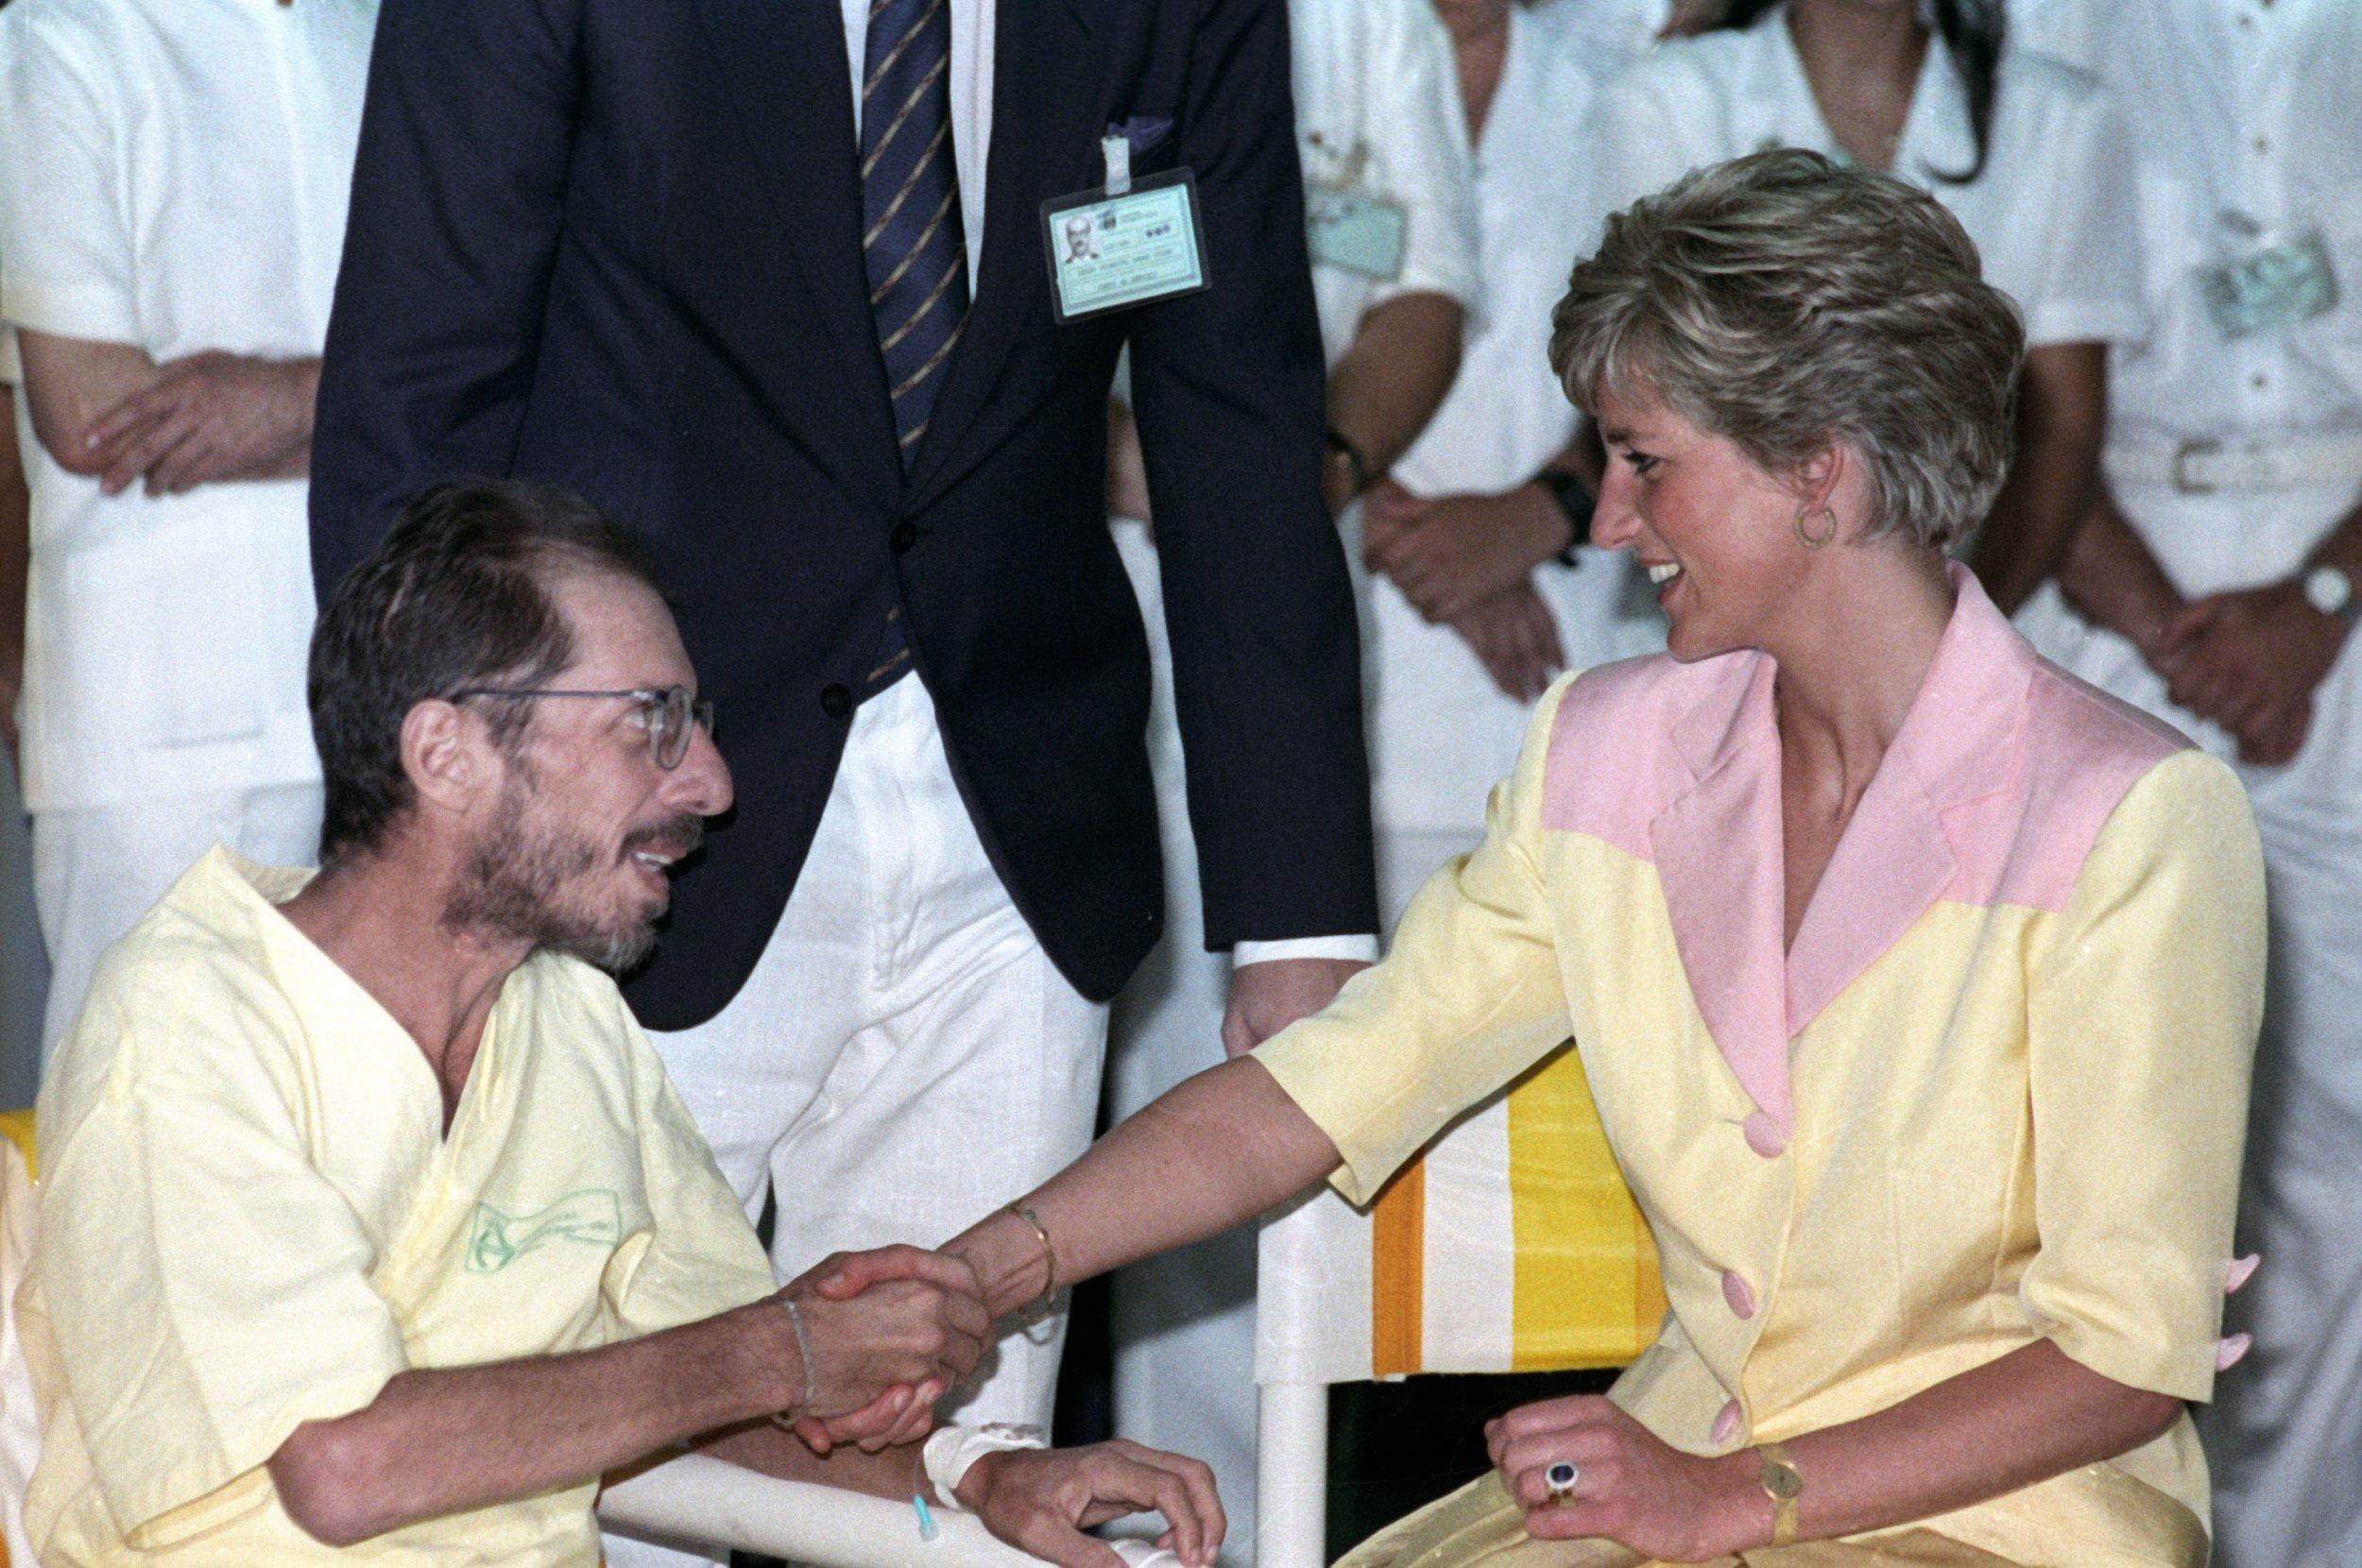 10 - Remembering Princess Diana